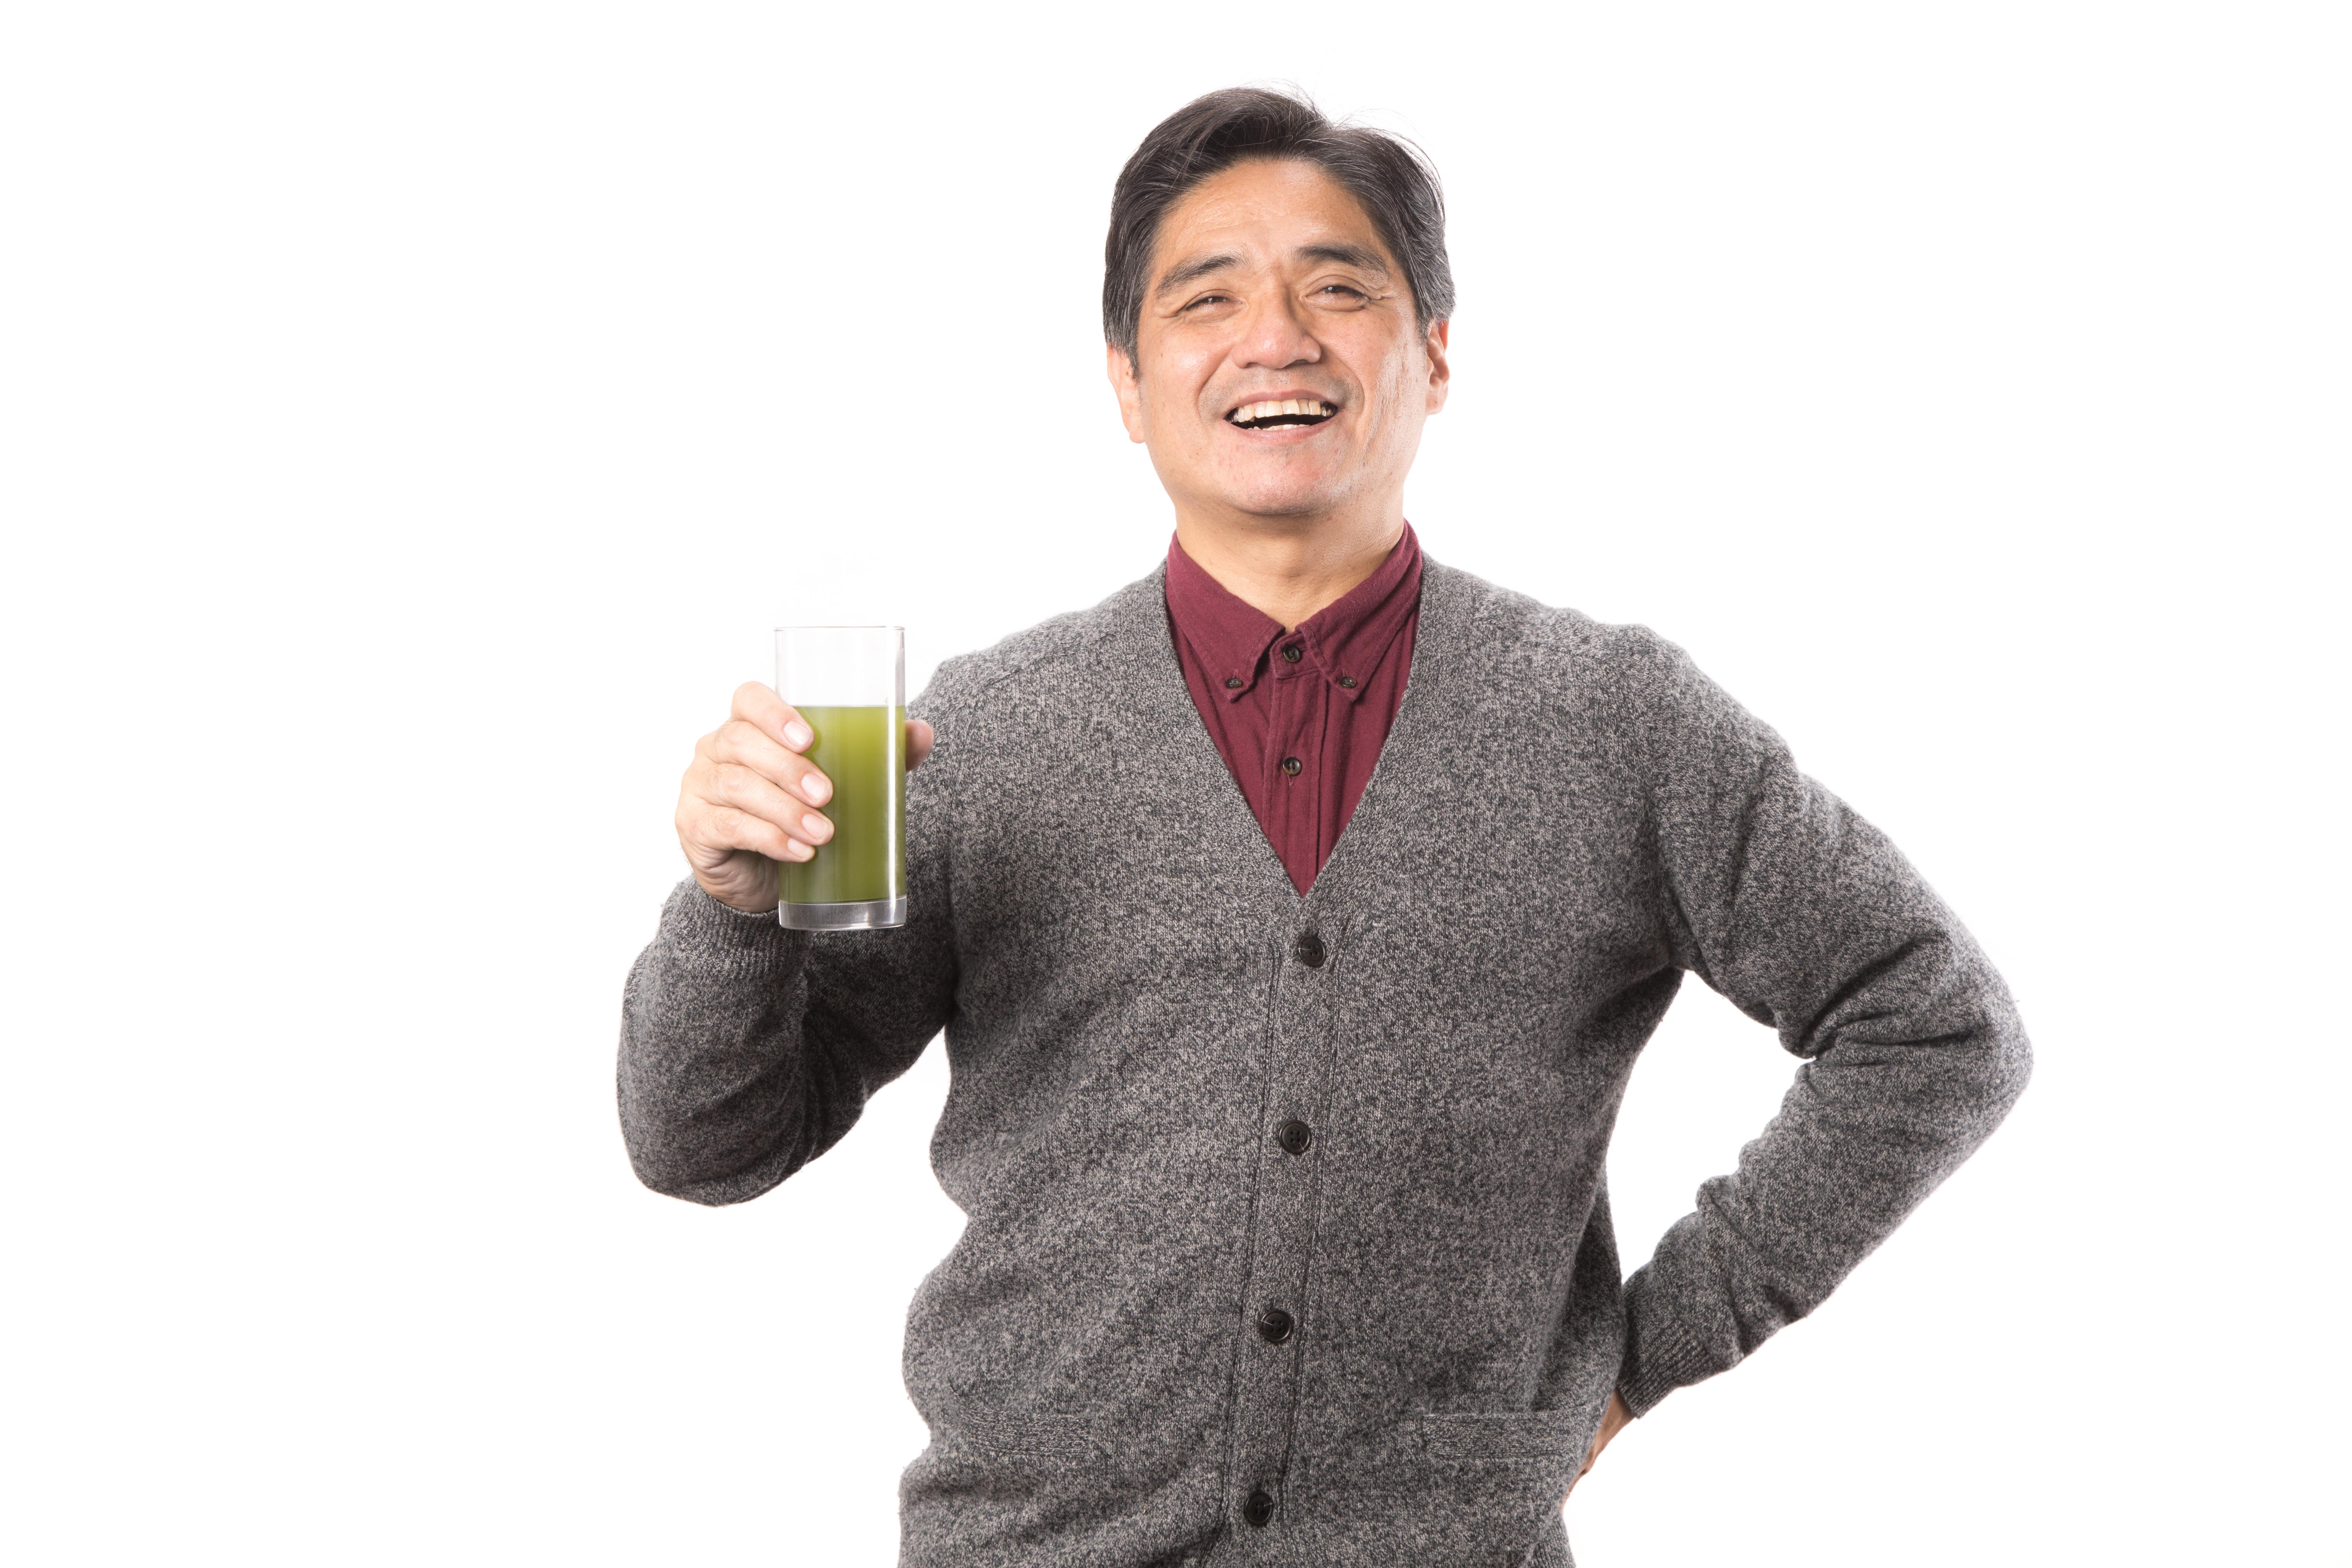 野菜不足を補う青汁を笑顔で紹介する中年男性|ぱくたそフリー素材